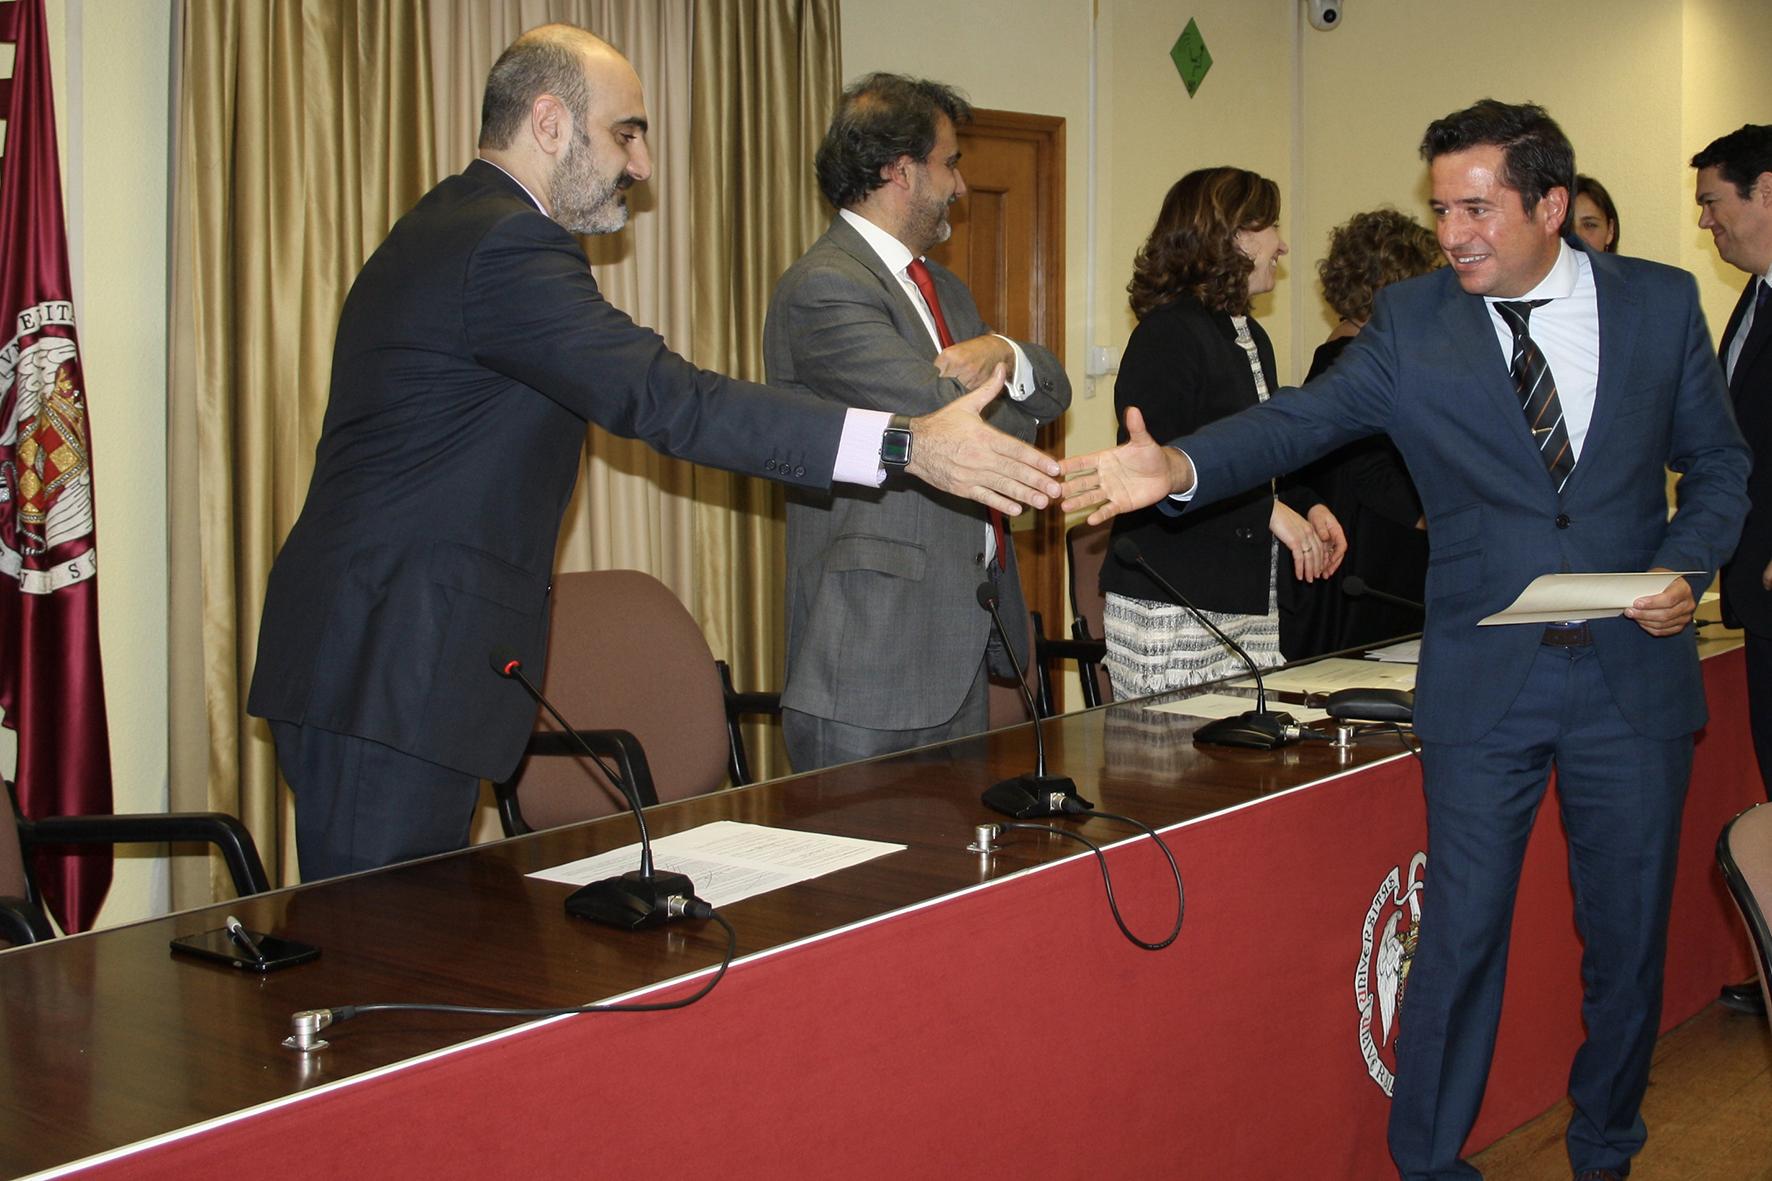 Premio a la 'Mejor investigación en el Área de Derecho' para el trabajo de Vargas Vaserot